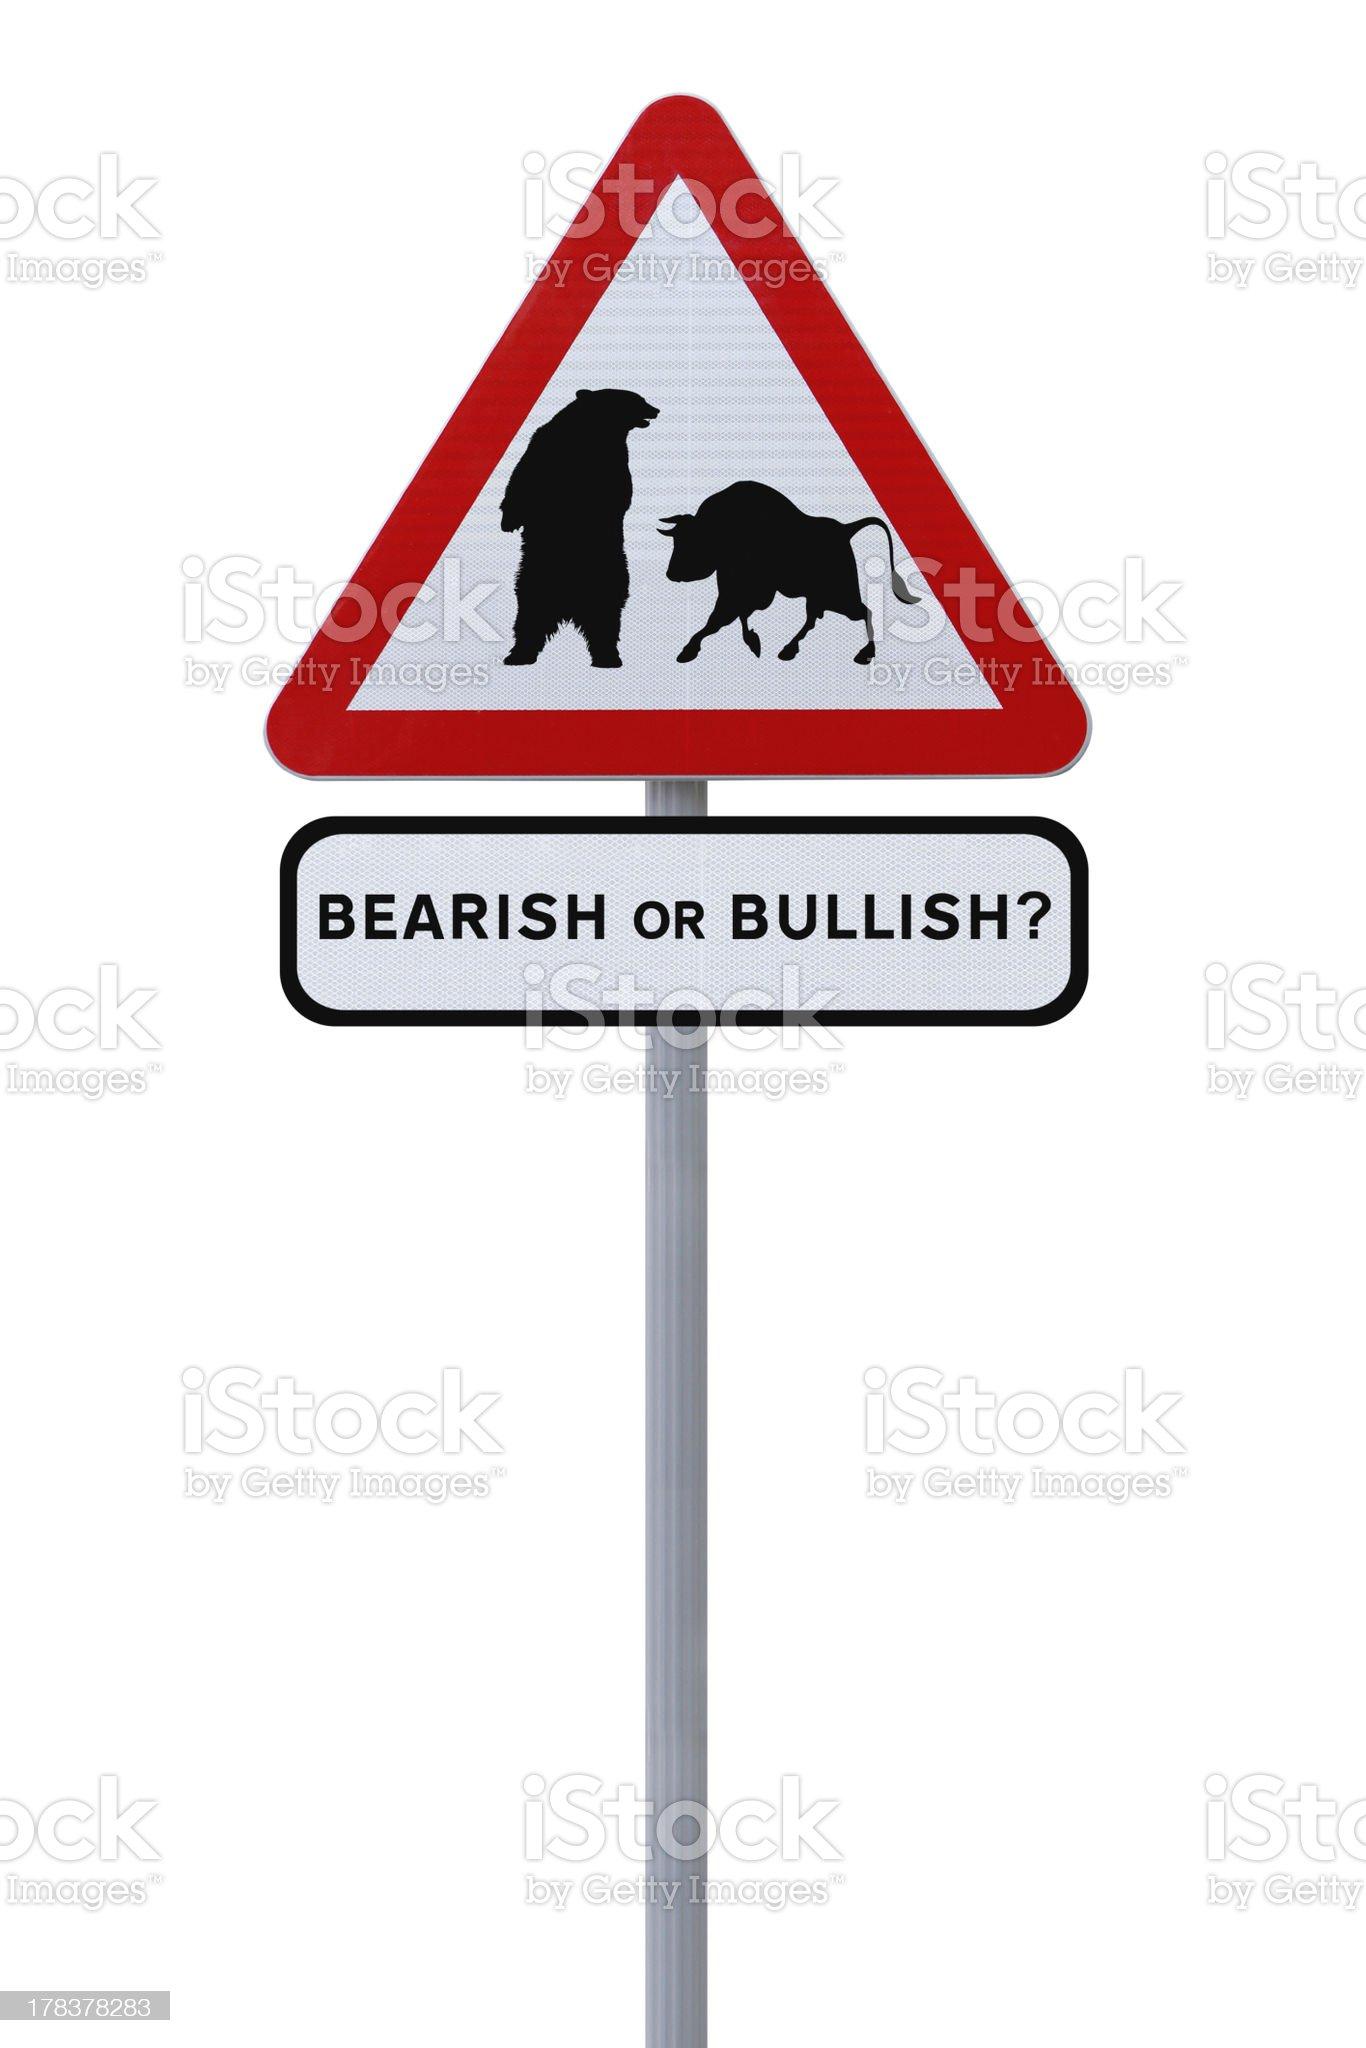 Bearish or Bullish? royalty-free stock photo